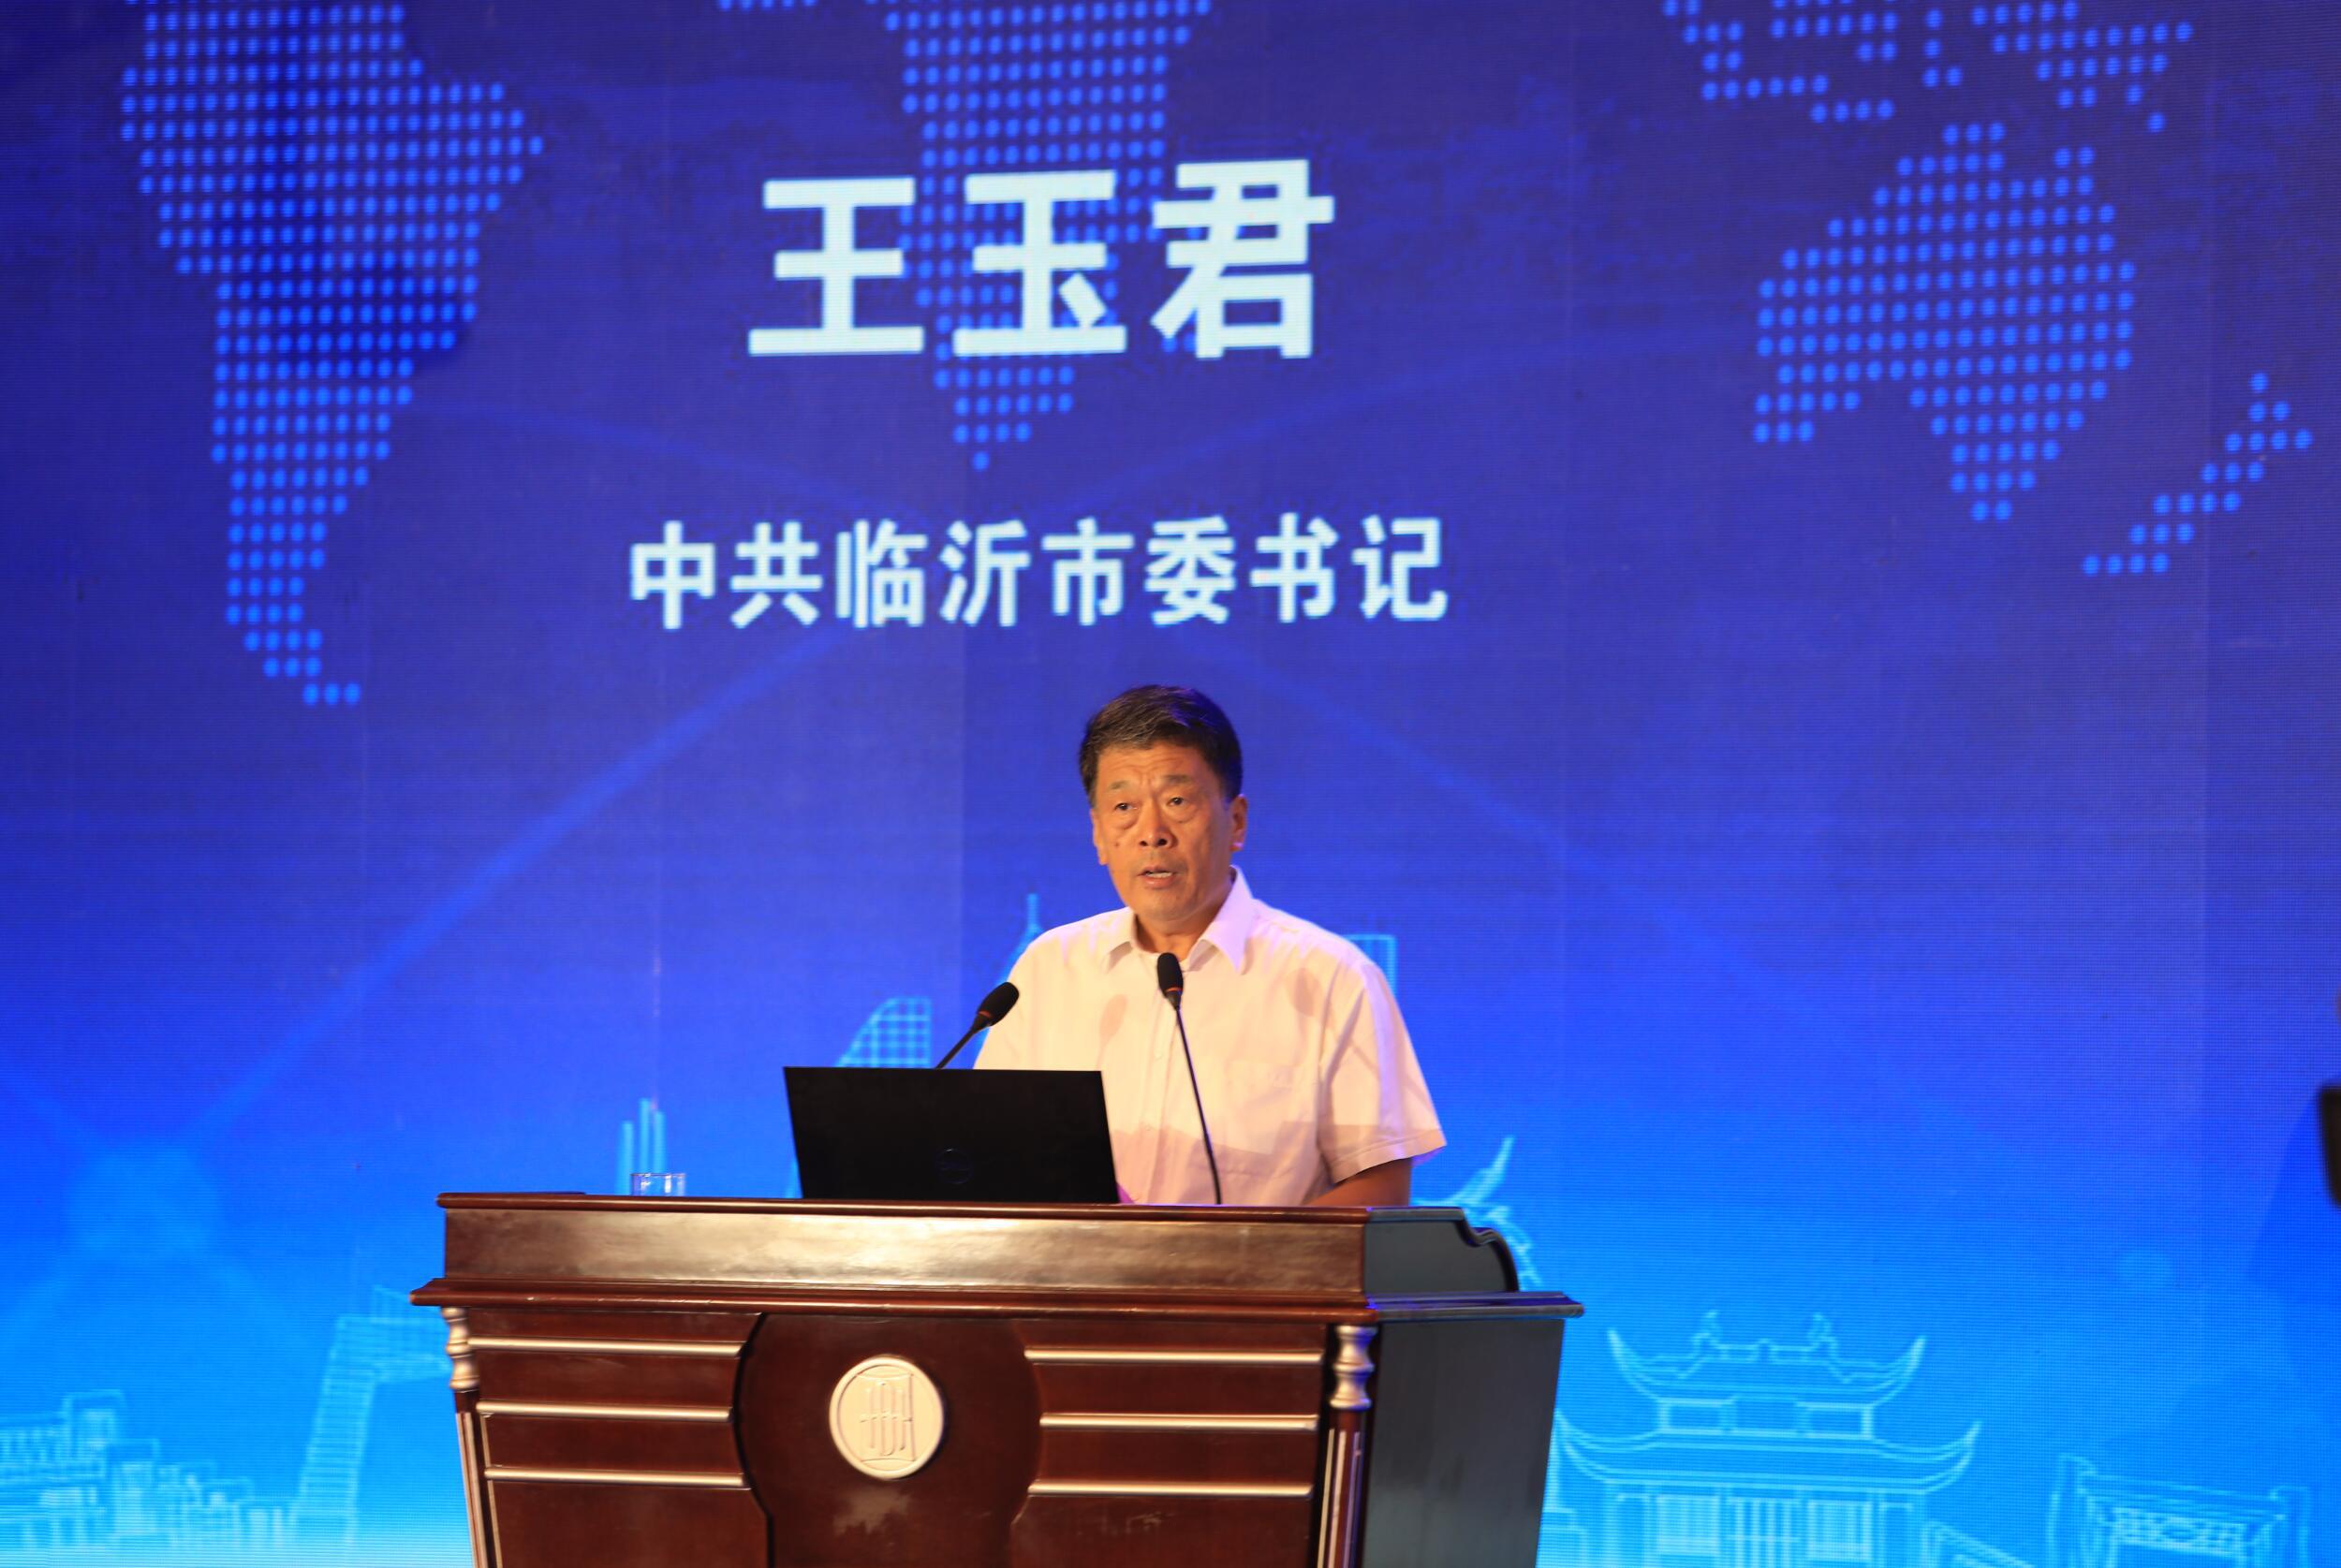 2019中国(临沂)数字经济应用大会在临沂成功举办